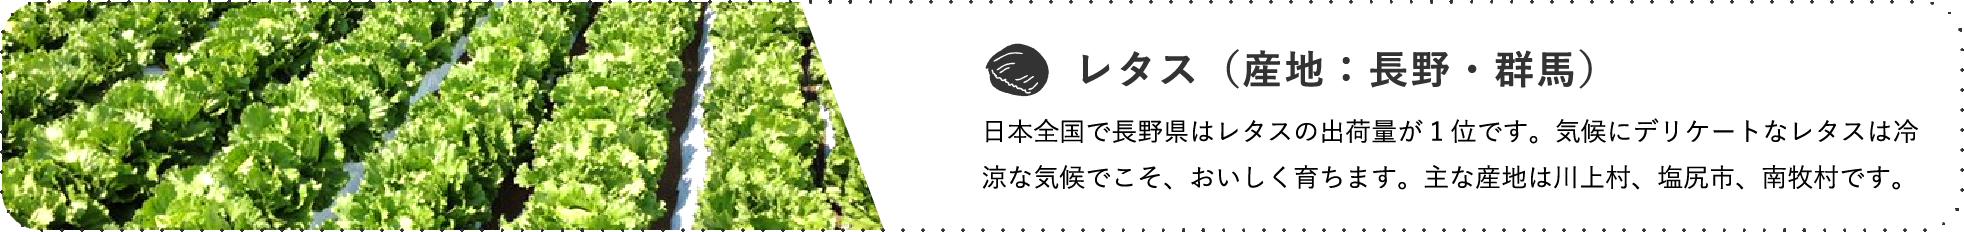 レタス(産地:長野・群馬) / 日本全国で長野県はレタスの出荷量が1位です。気候にデリケートなレタスは冷涼な気候でこそ、おいしく育ちます。主な産地は川上村、塩尻市、南牧村です。